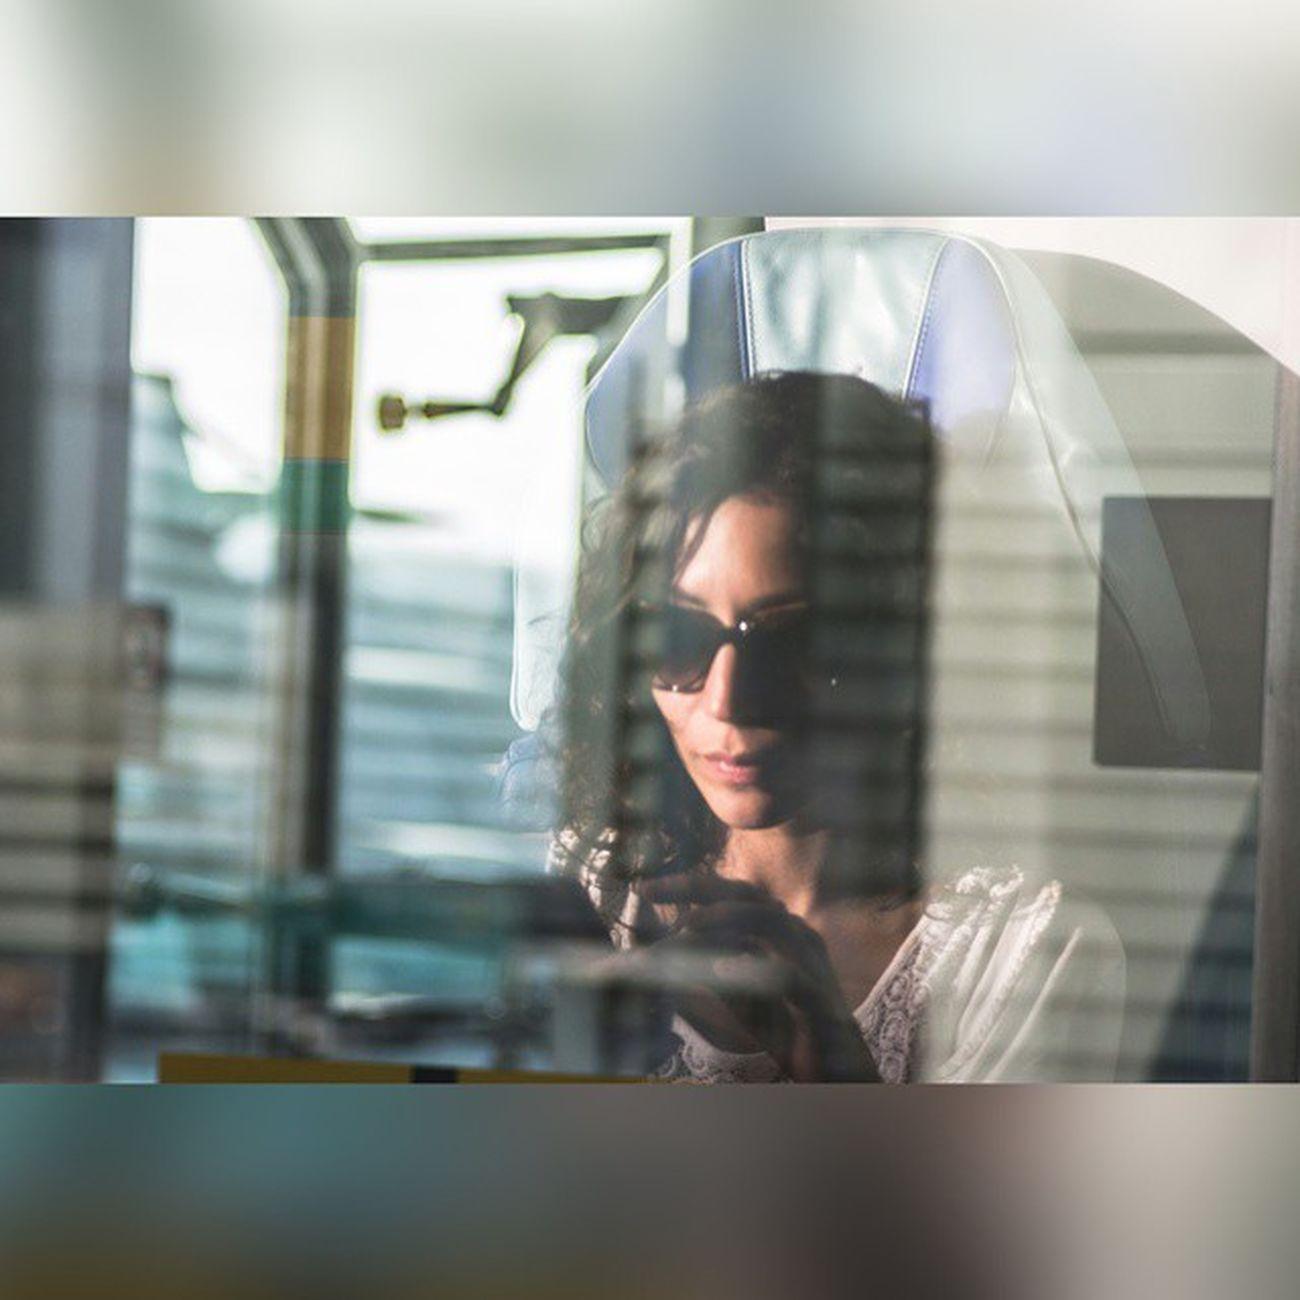 الصوره عباره عن انعكاس لوجه في قزازة الميترو في دبي نادي_عسير_الفوتوغرافي دبي تصويري  تغذيه_بصريه تصويري_رأيكم الرياض السعودية قطر الكويت الامارات ابها السوده جدة الرياضdubai photo UAE